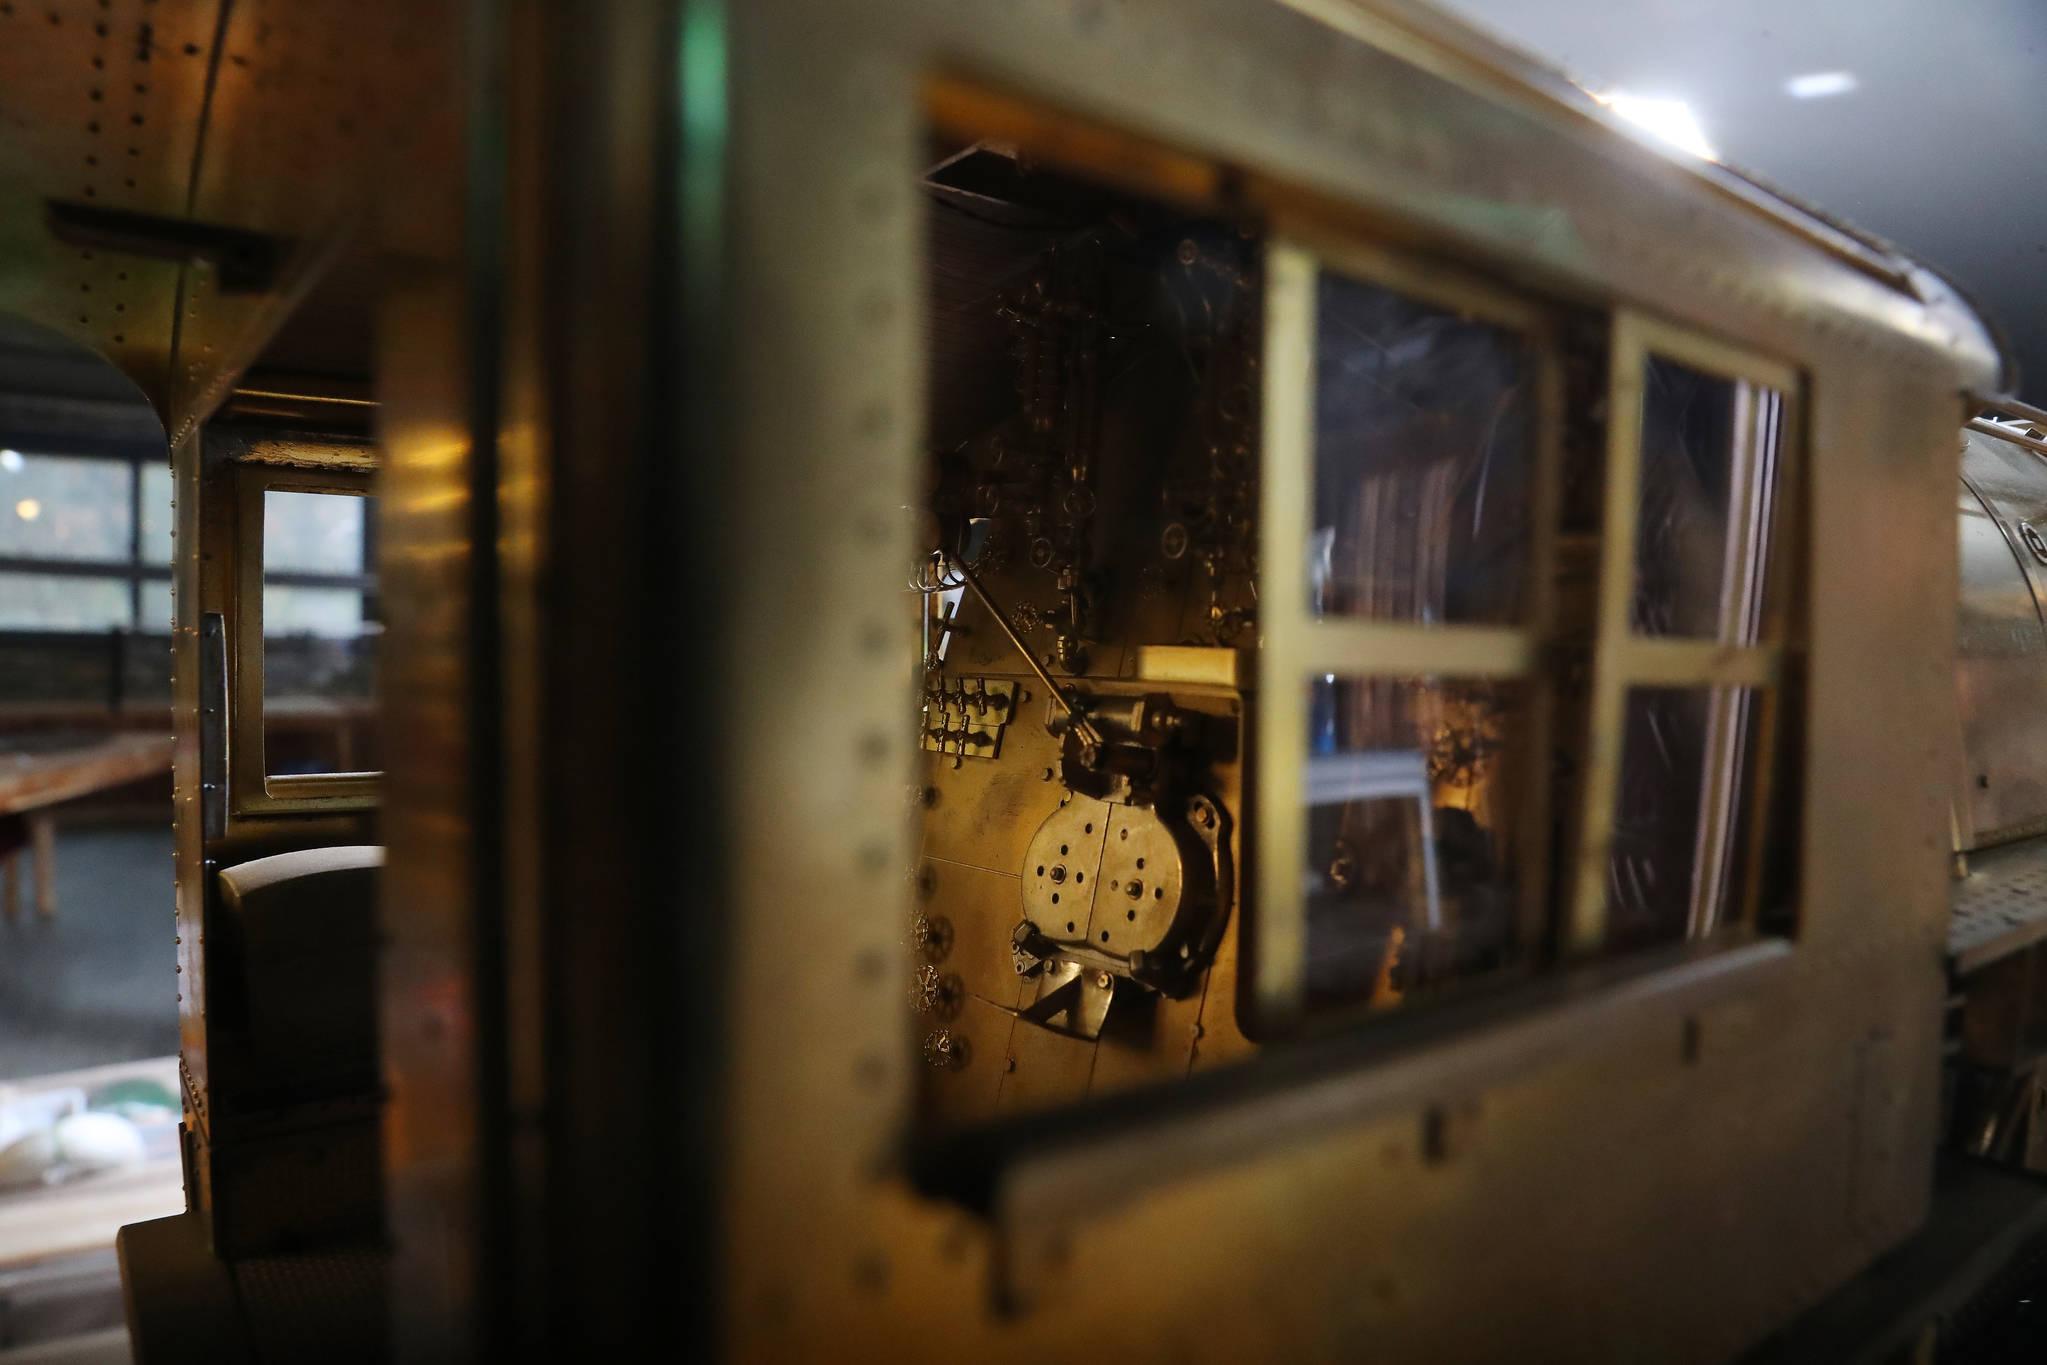 기차 내부 'FIRE DOOR'의 볼트 문양 하나까지 세밀하게 제작되었다. 우상조 기자